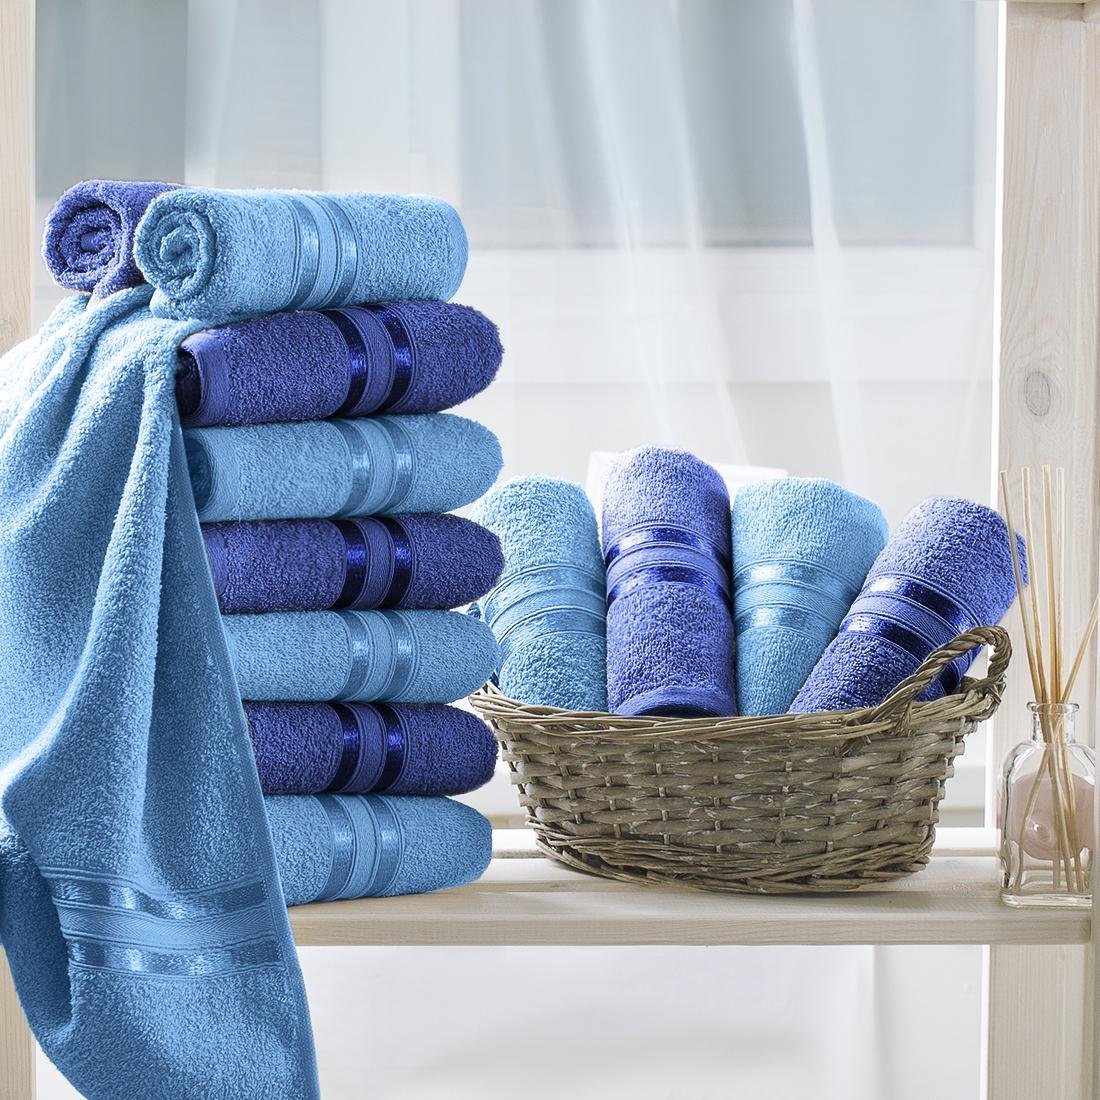 Полотенца Dome Полотенце Harmonika Цвет: Голубой/Синий (33х50 см - 12 шт)